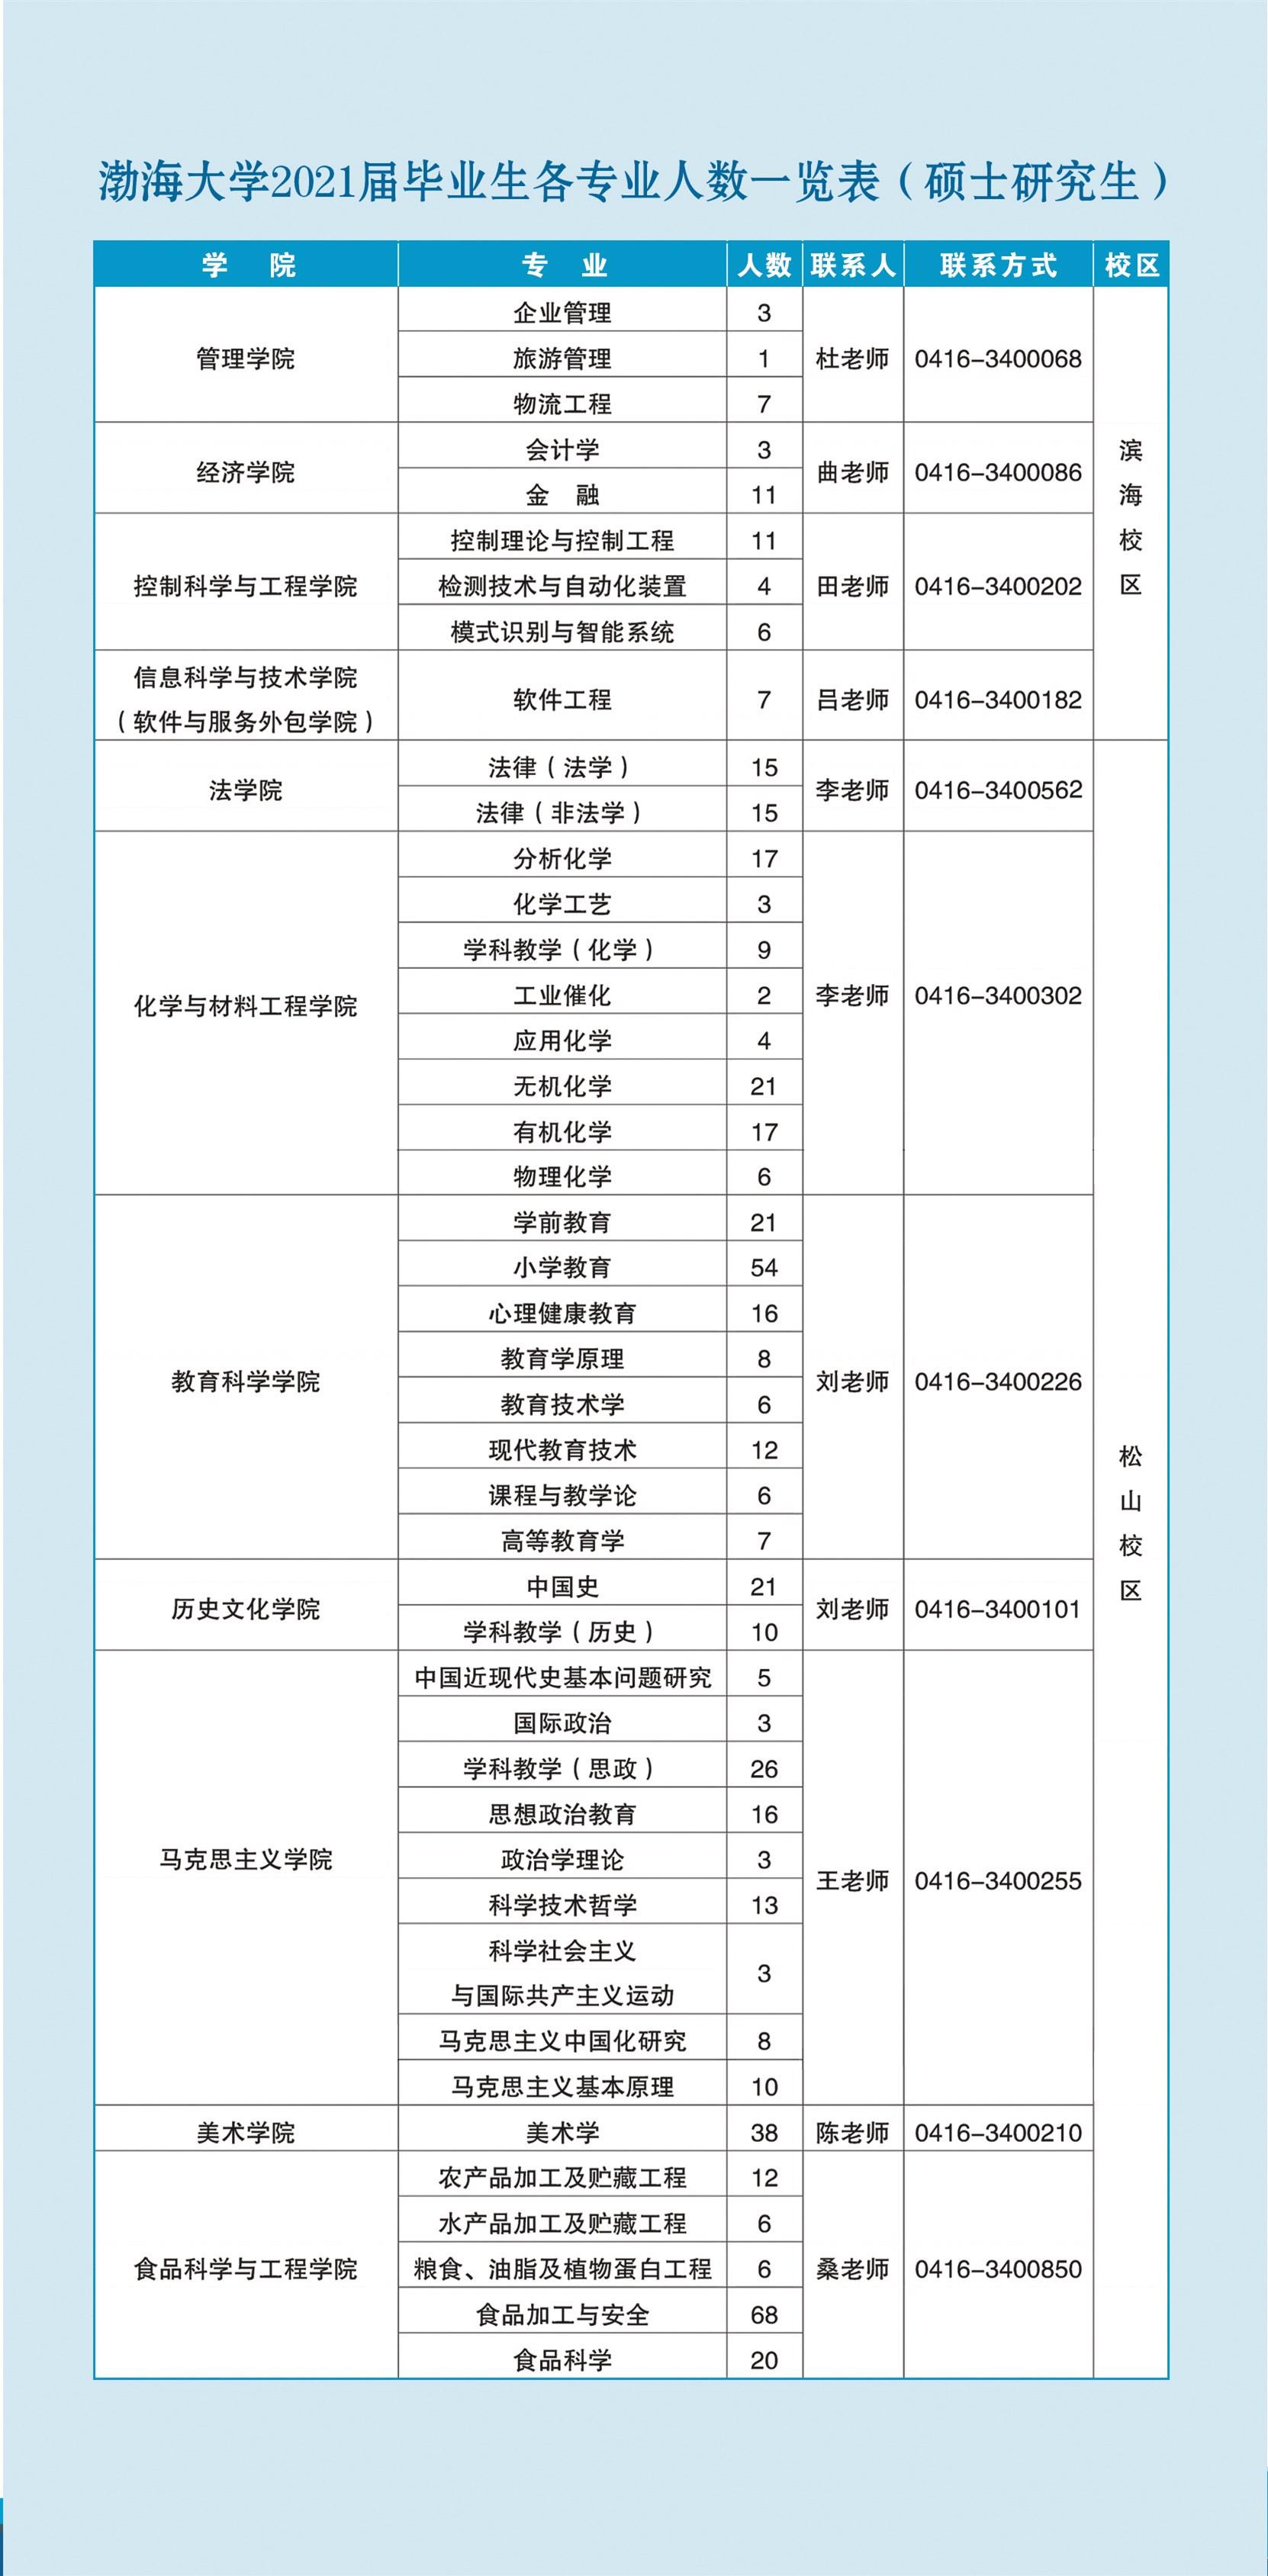 2021届毕业生信息册-4.jpg